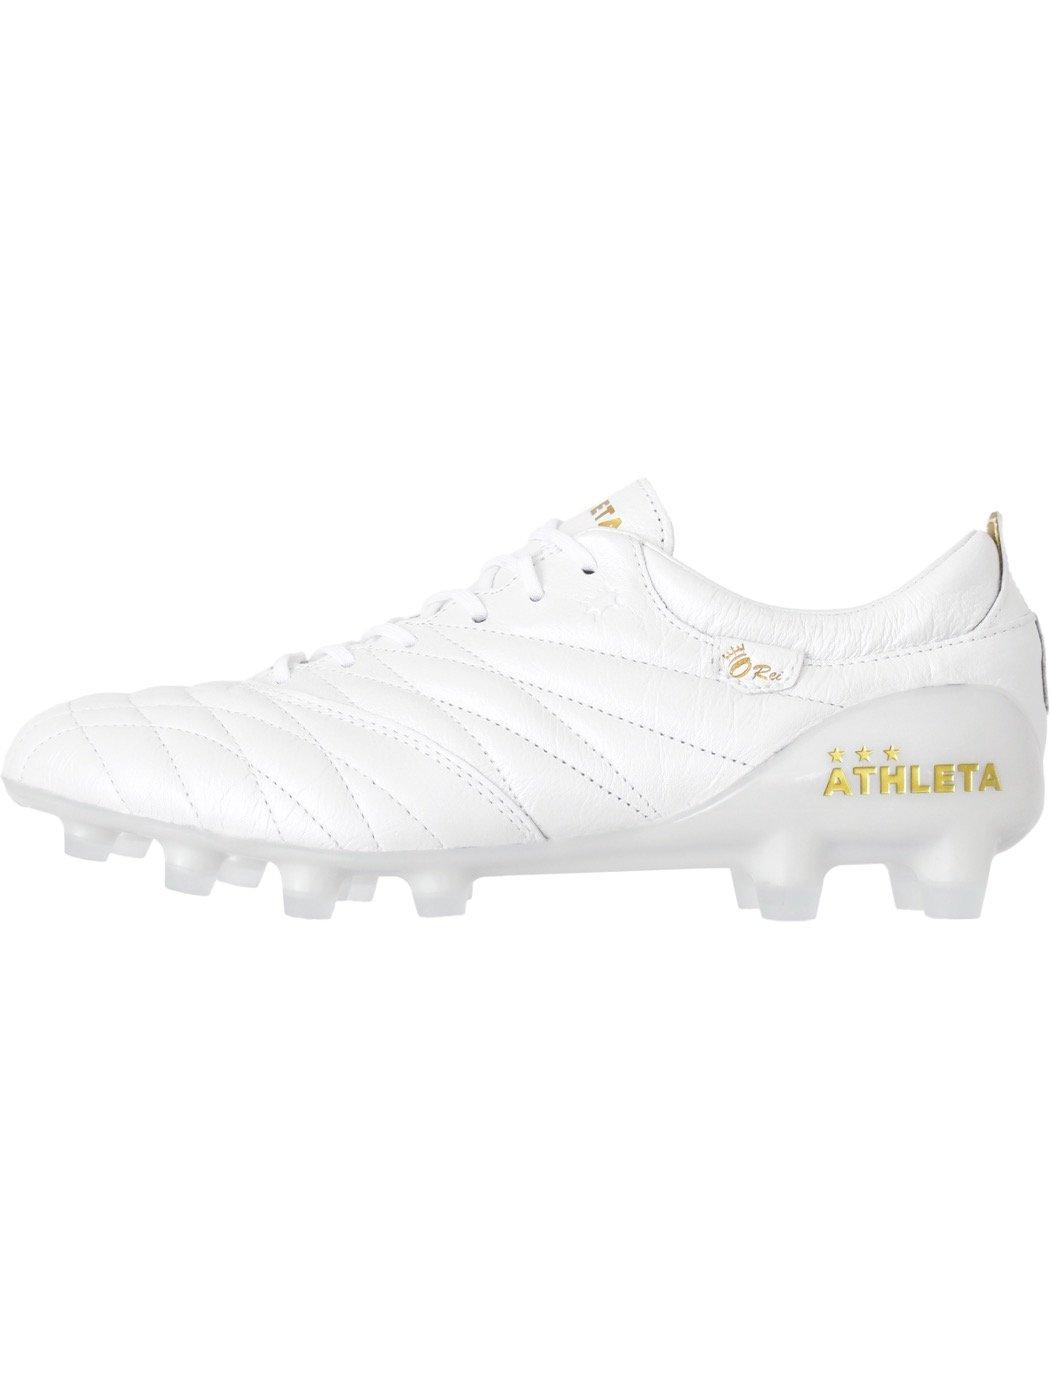 ATHLETA(アスレタ) O-Rei Futebol A001 10001-PW B01N1RH047 25.5|PWH PWH 25.5